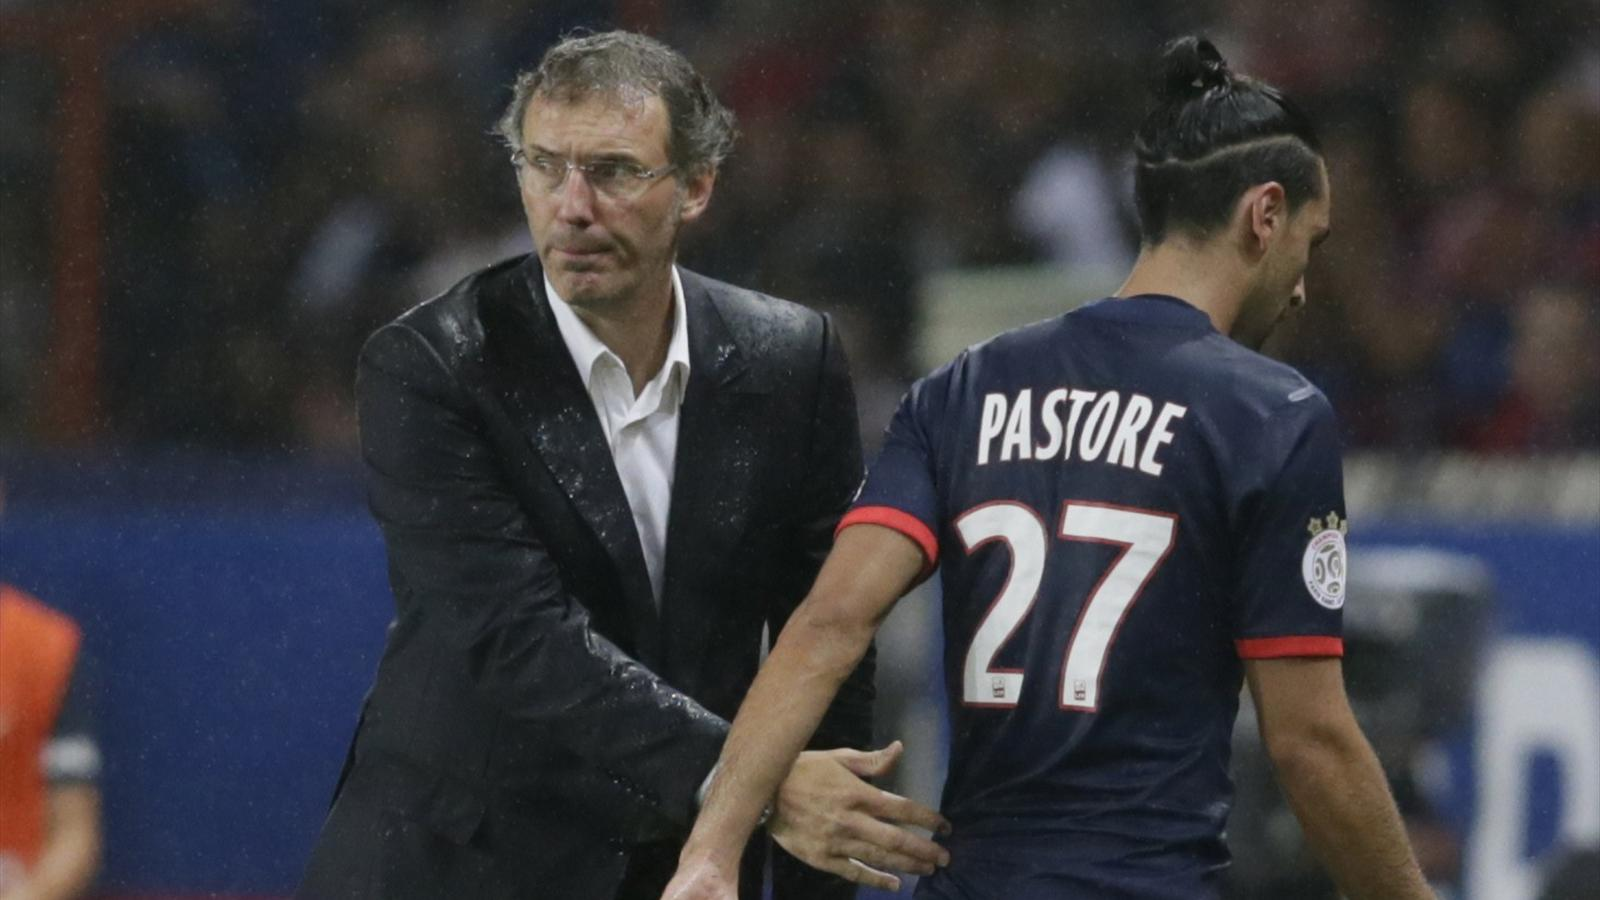 """PSG - Pastore """"Bravo à Laurent Blanc qui a cru en lui."""" affirme Roustan"""